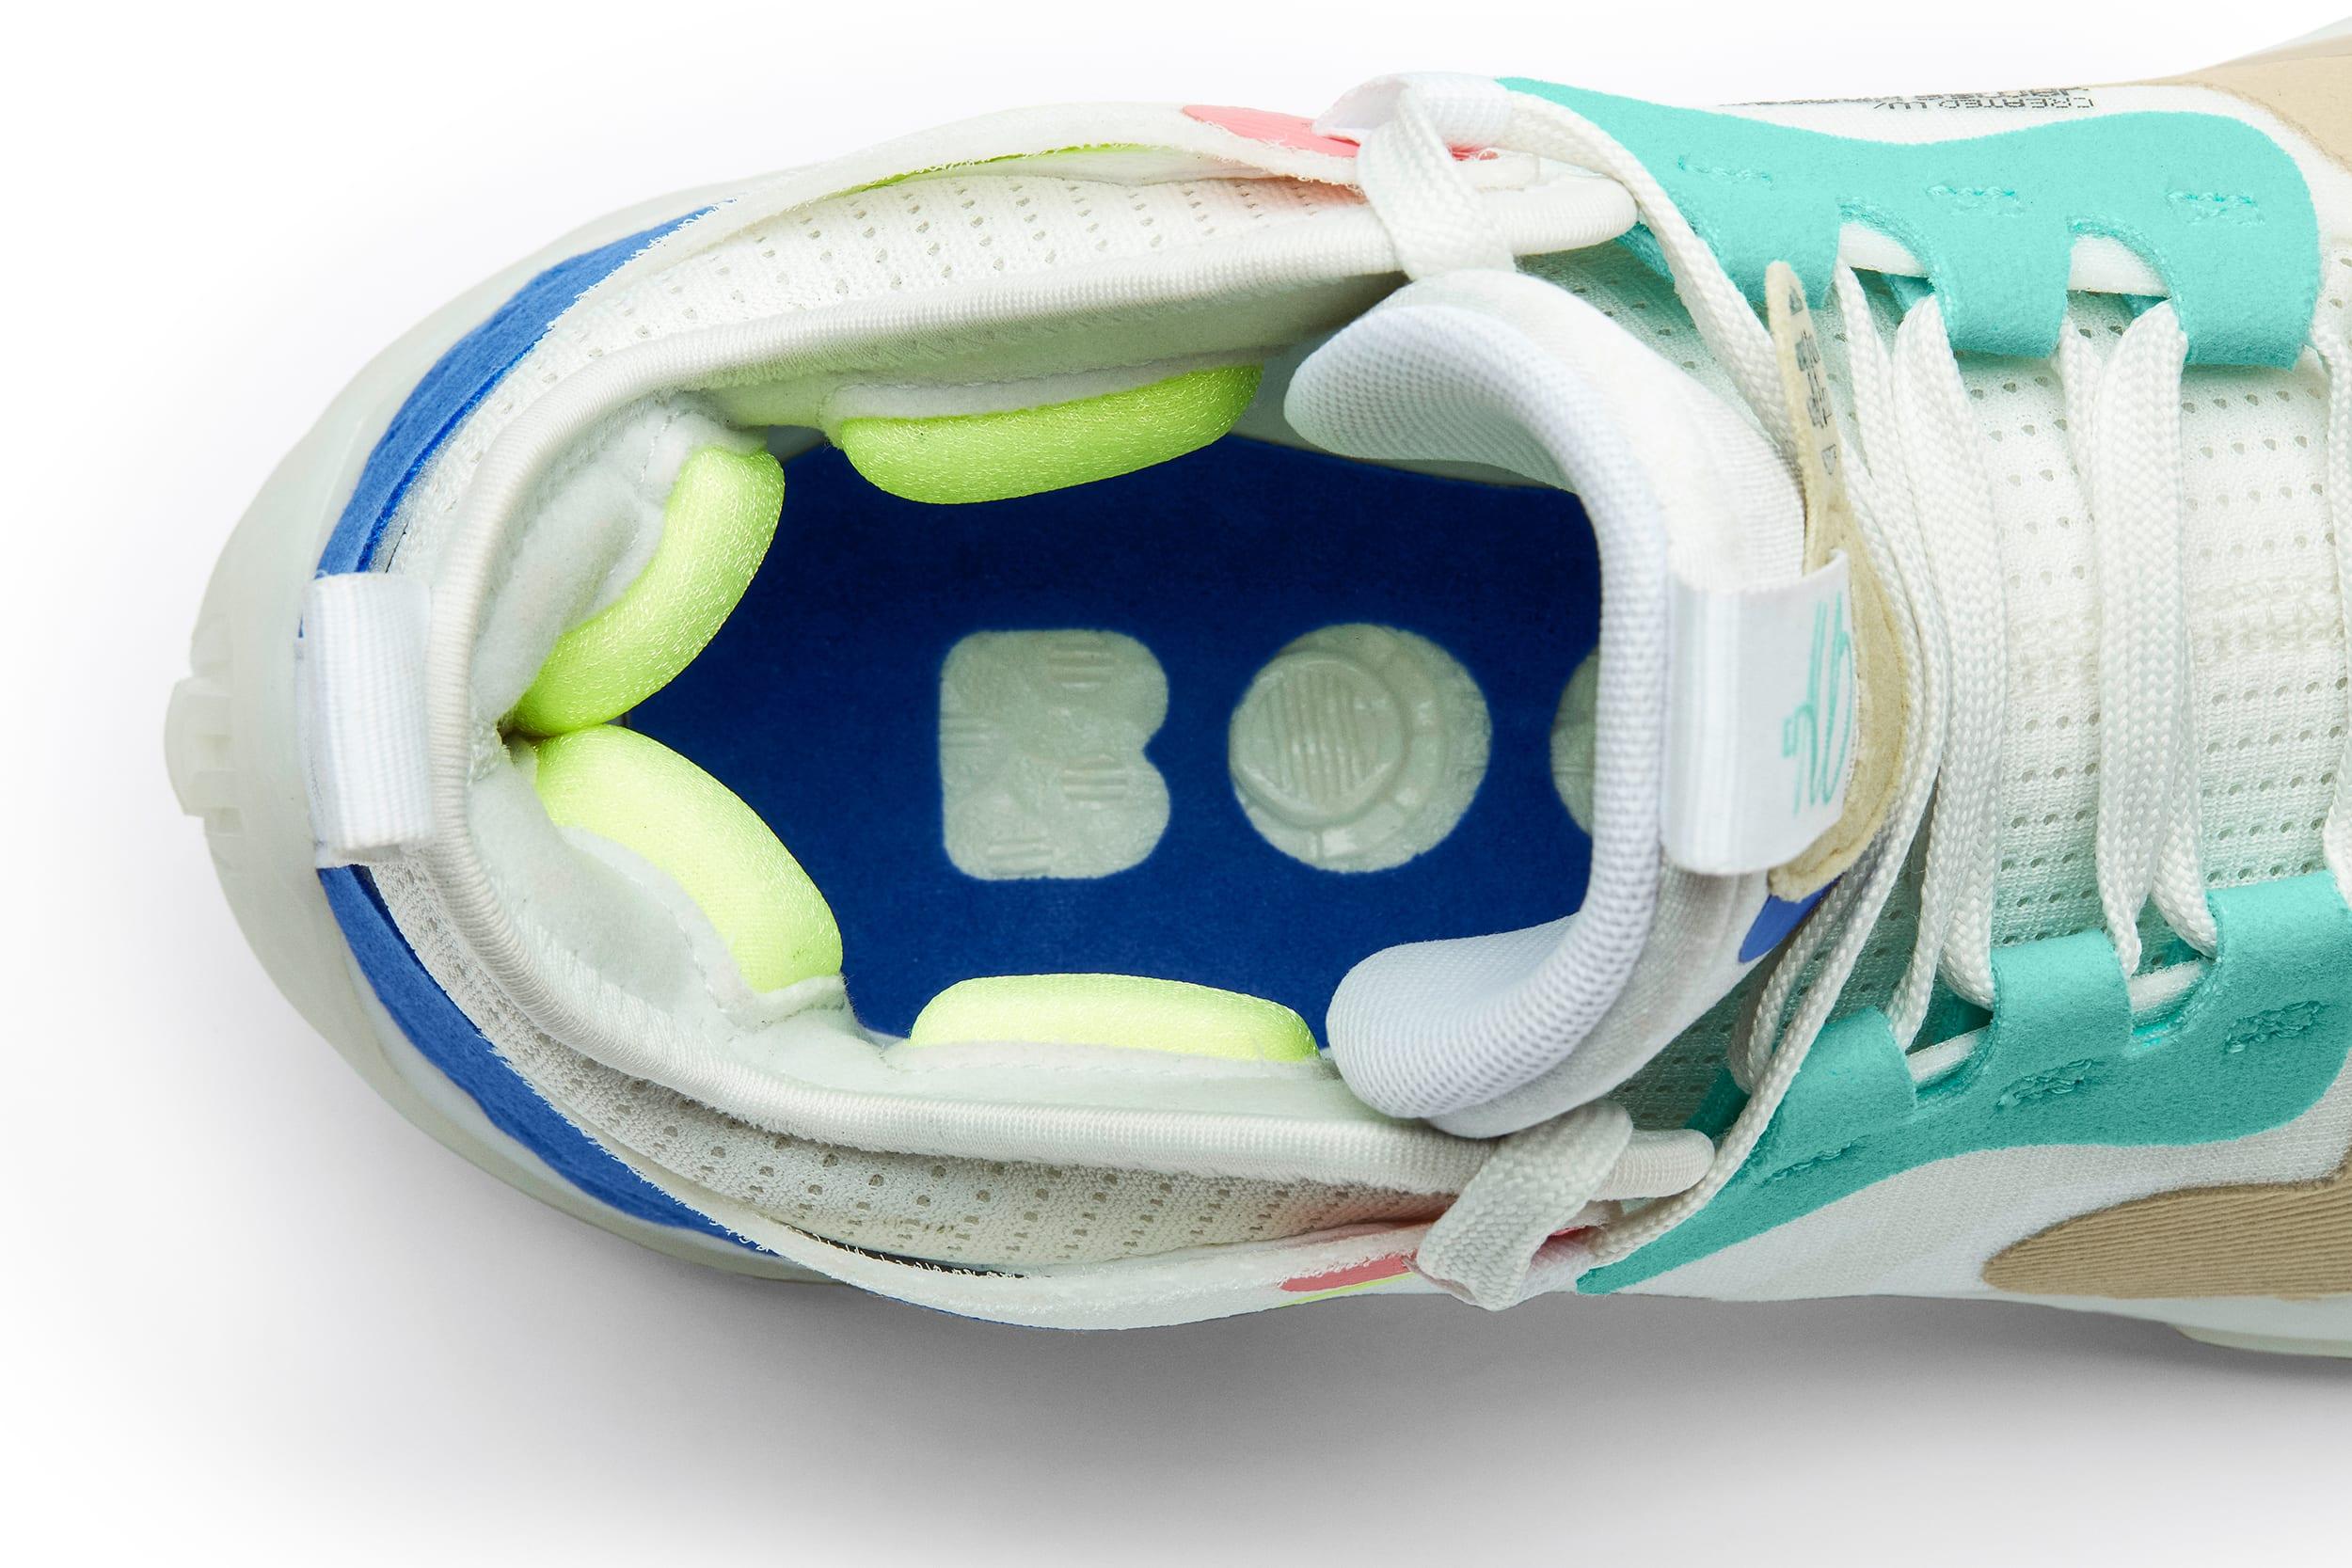 Adidas Harden Vol. 5 Footbed